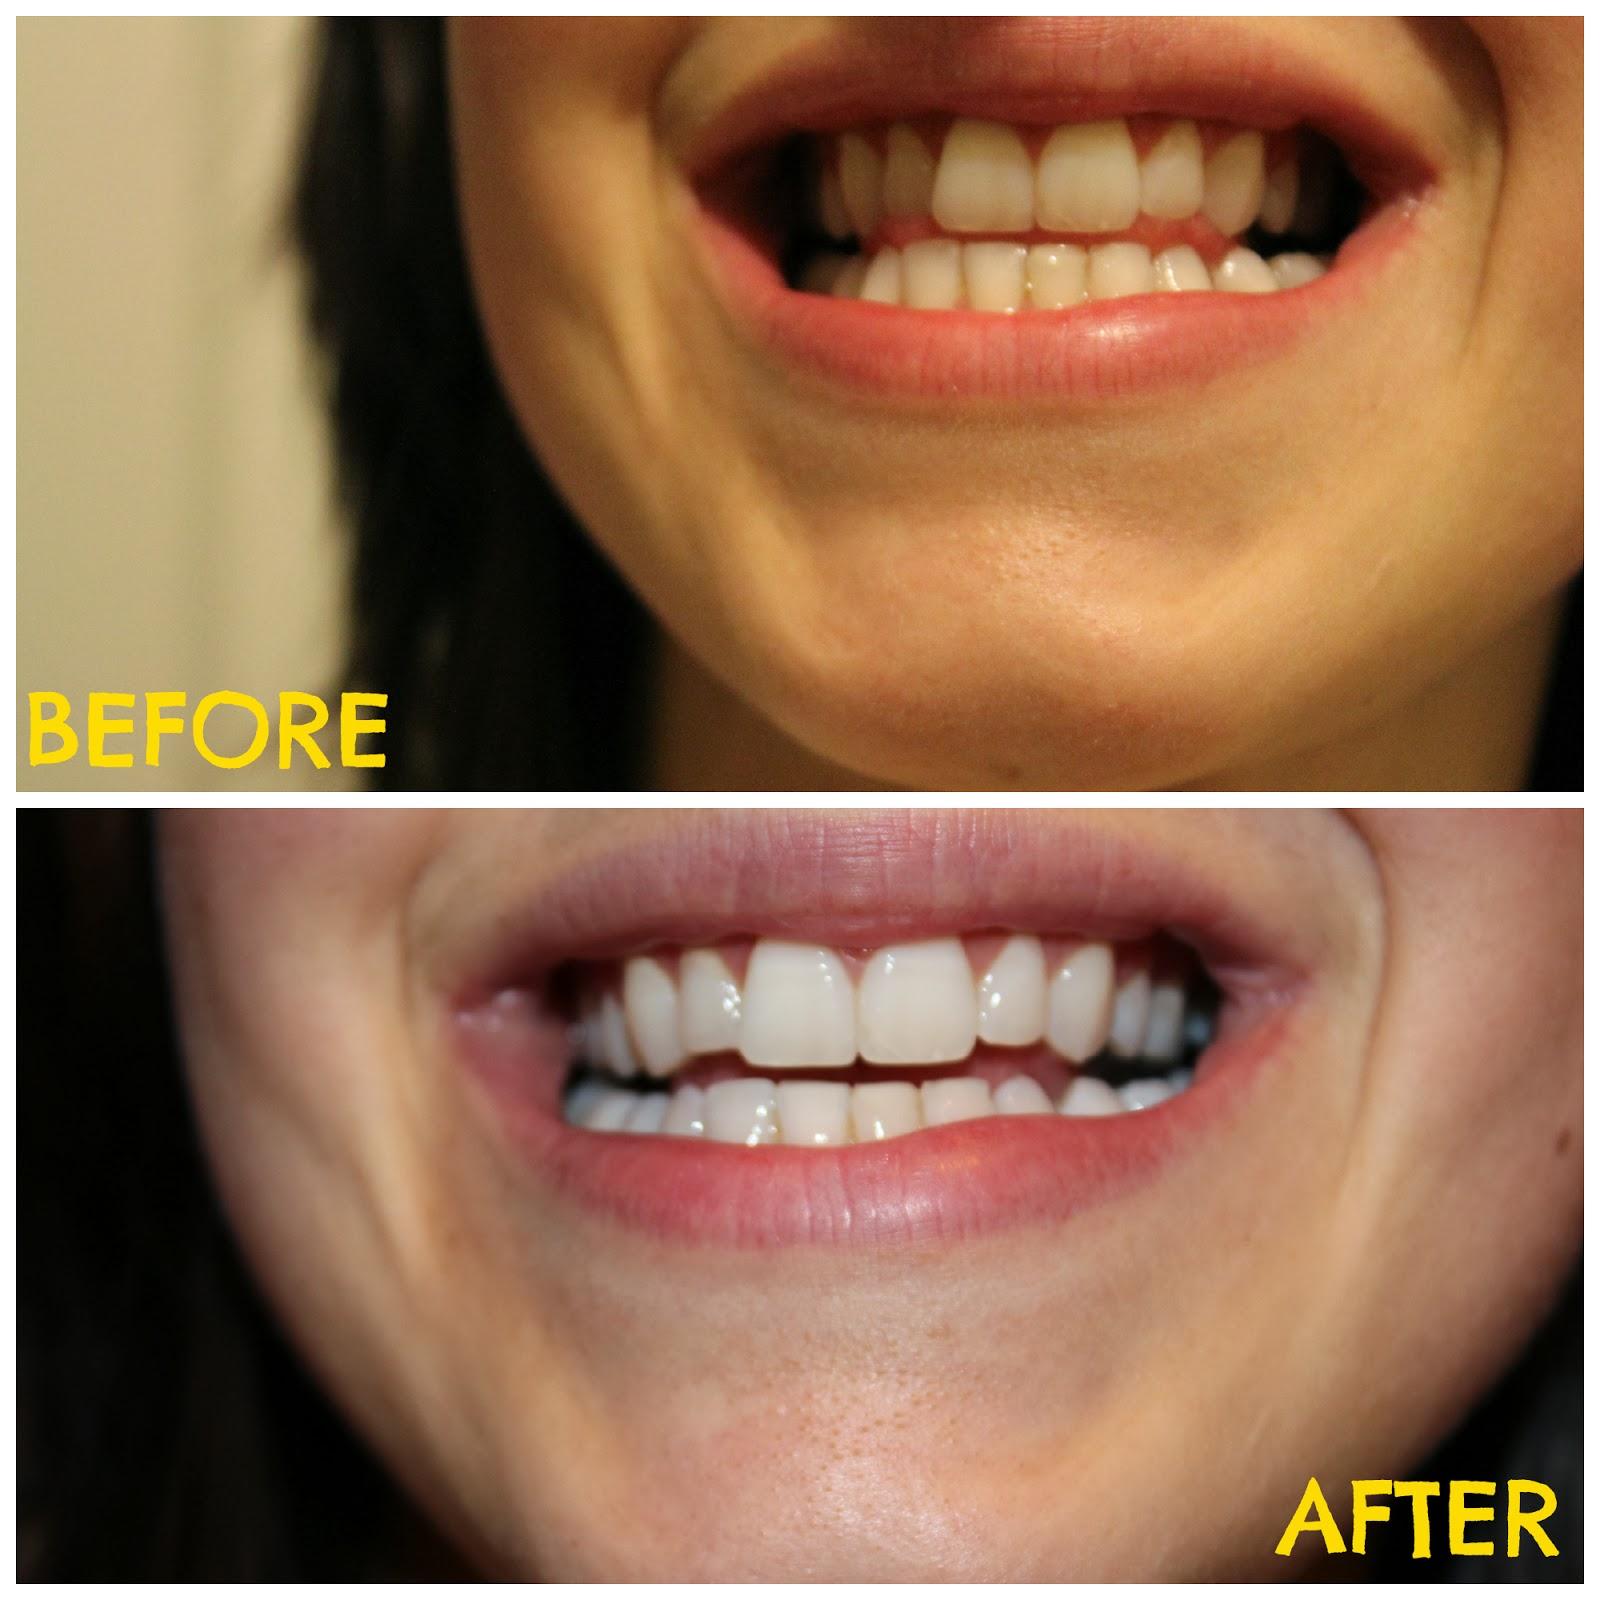 Clareamento Dental Antes e Depois (com Pasta Branqueadora Caseira)